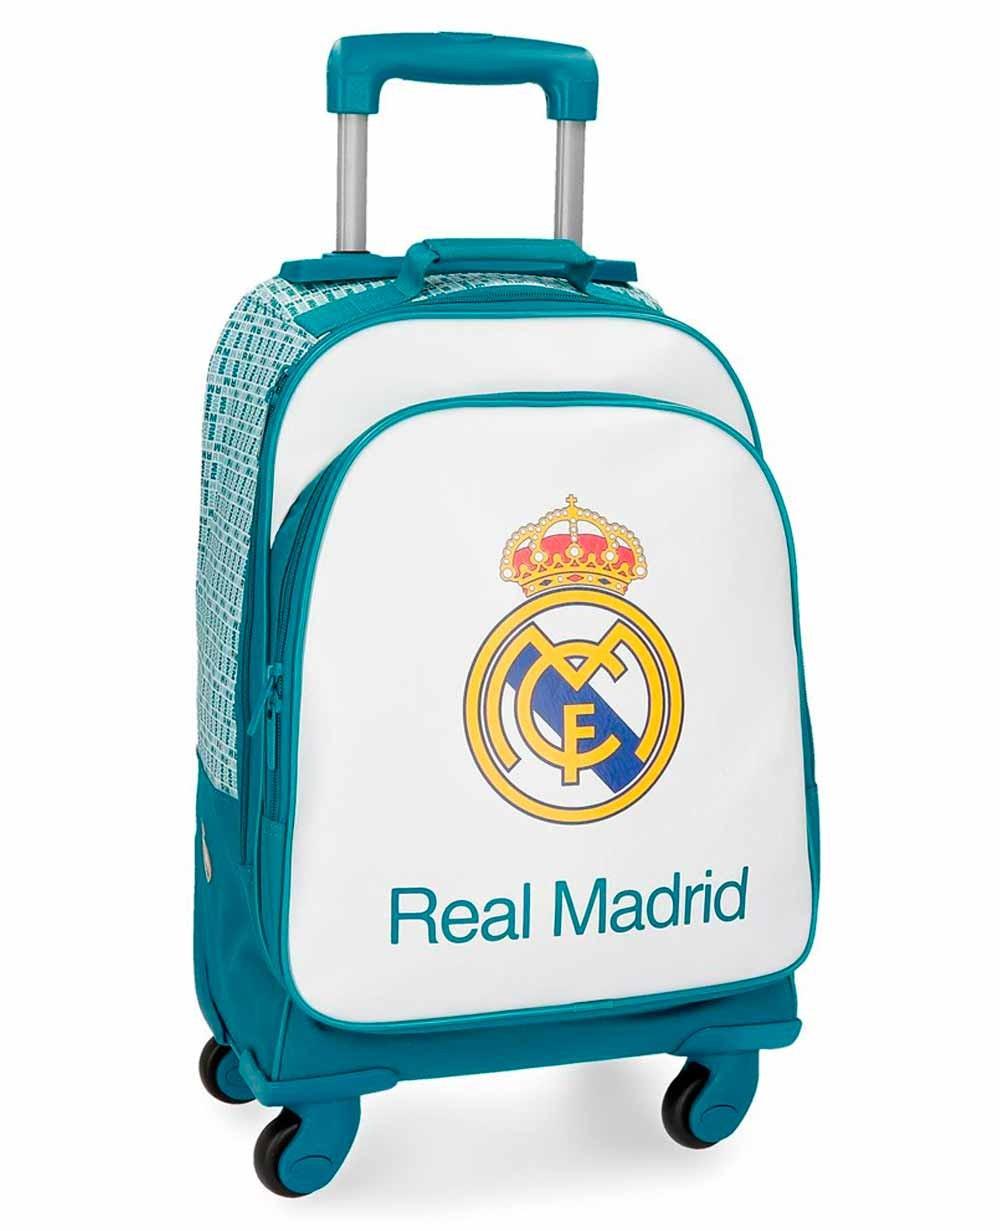 Real Madrid Leyenda Trolley convertible en mochila con ruedas Azul Pacífico (Foto )